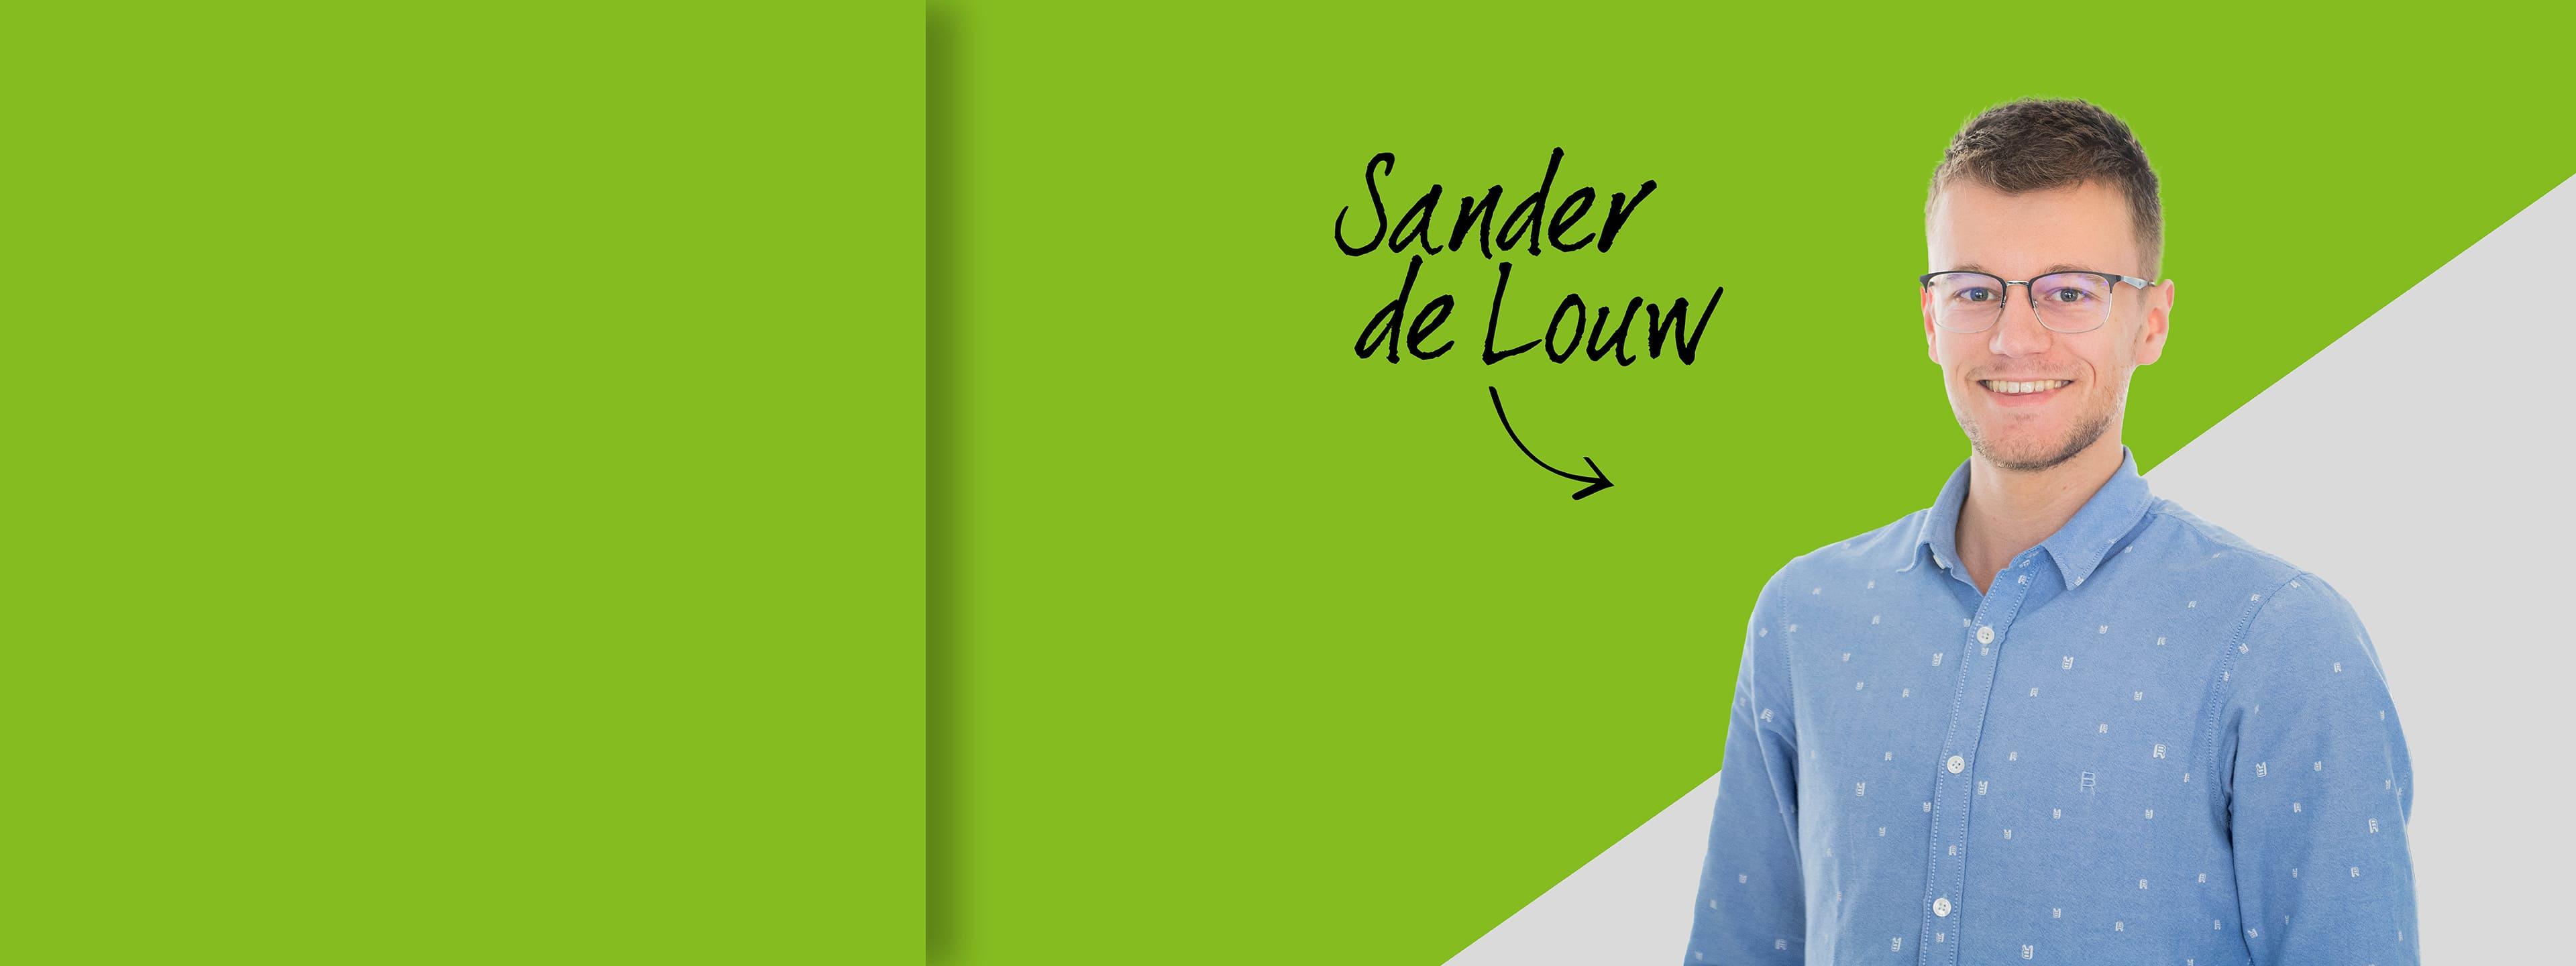 Sander de Louw, de Louw accountants